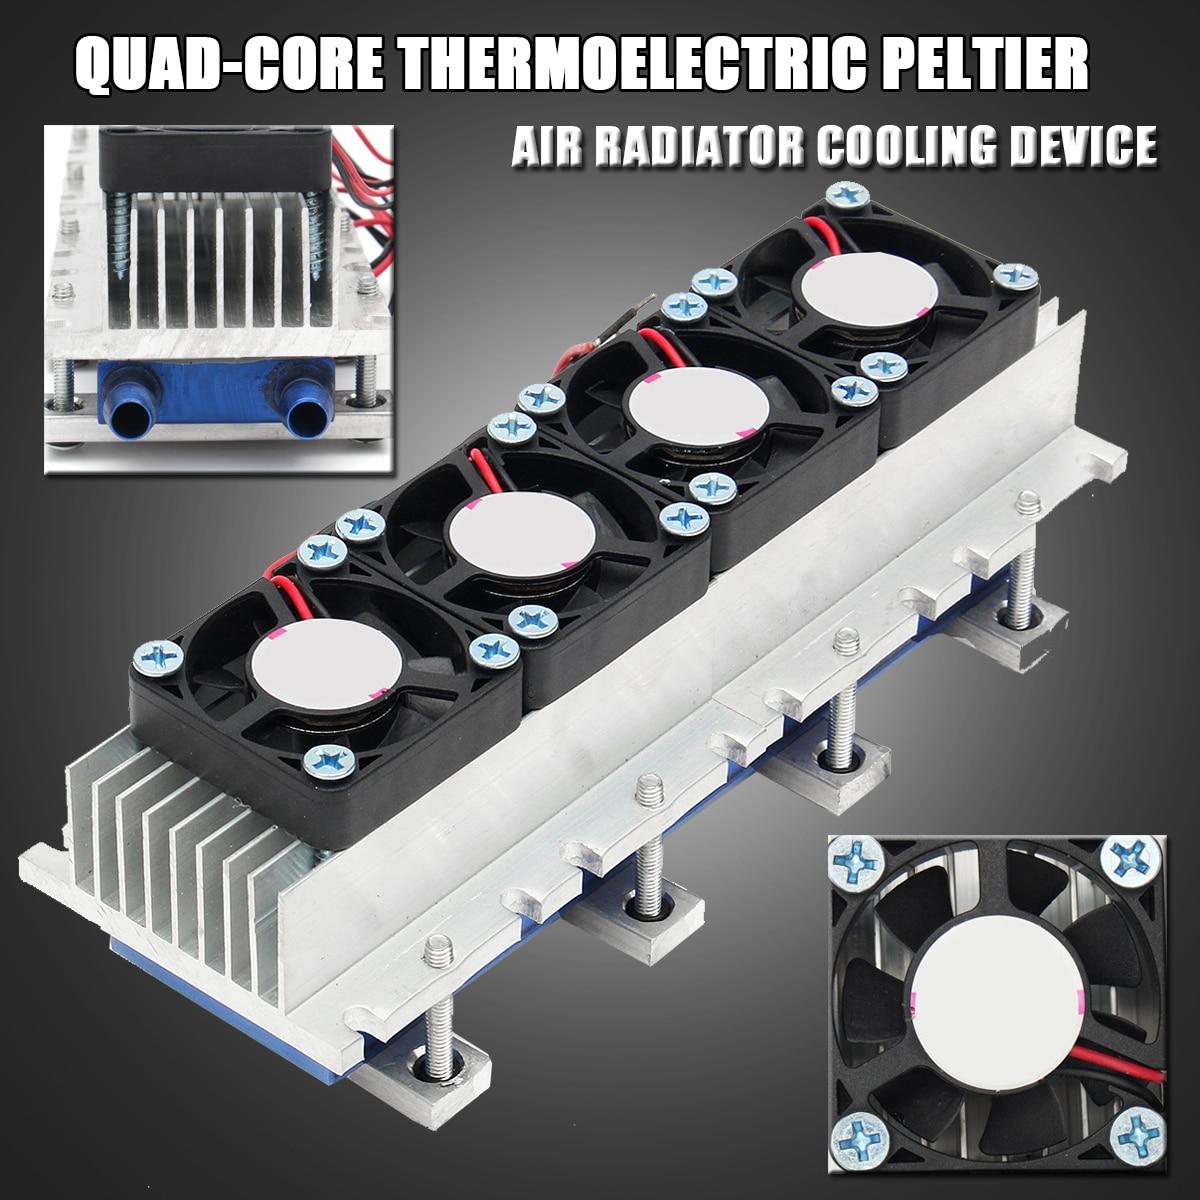 288 Вт термоэлектрический Пельтье вентилятор для охлаждения DC12V полупроводниковые кондиционер охлаждения Системы DIY Kit для кондиционера